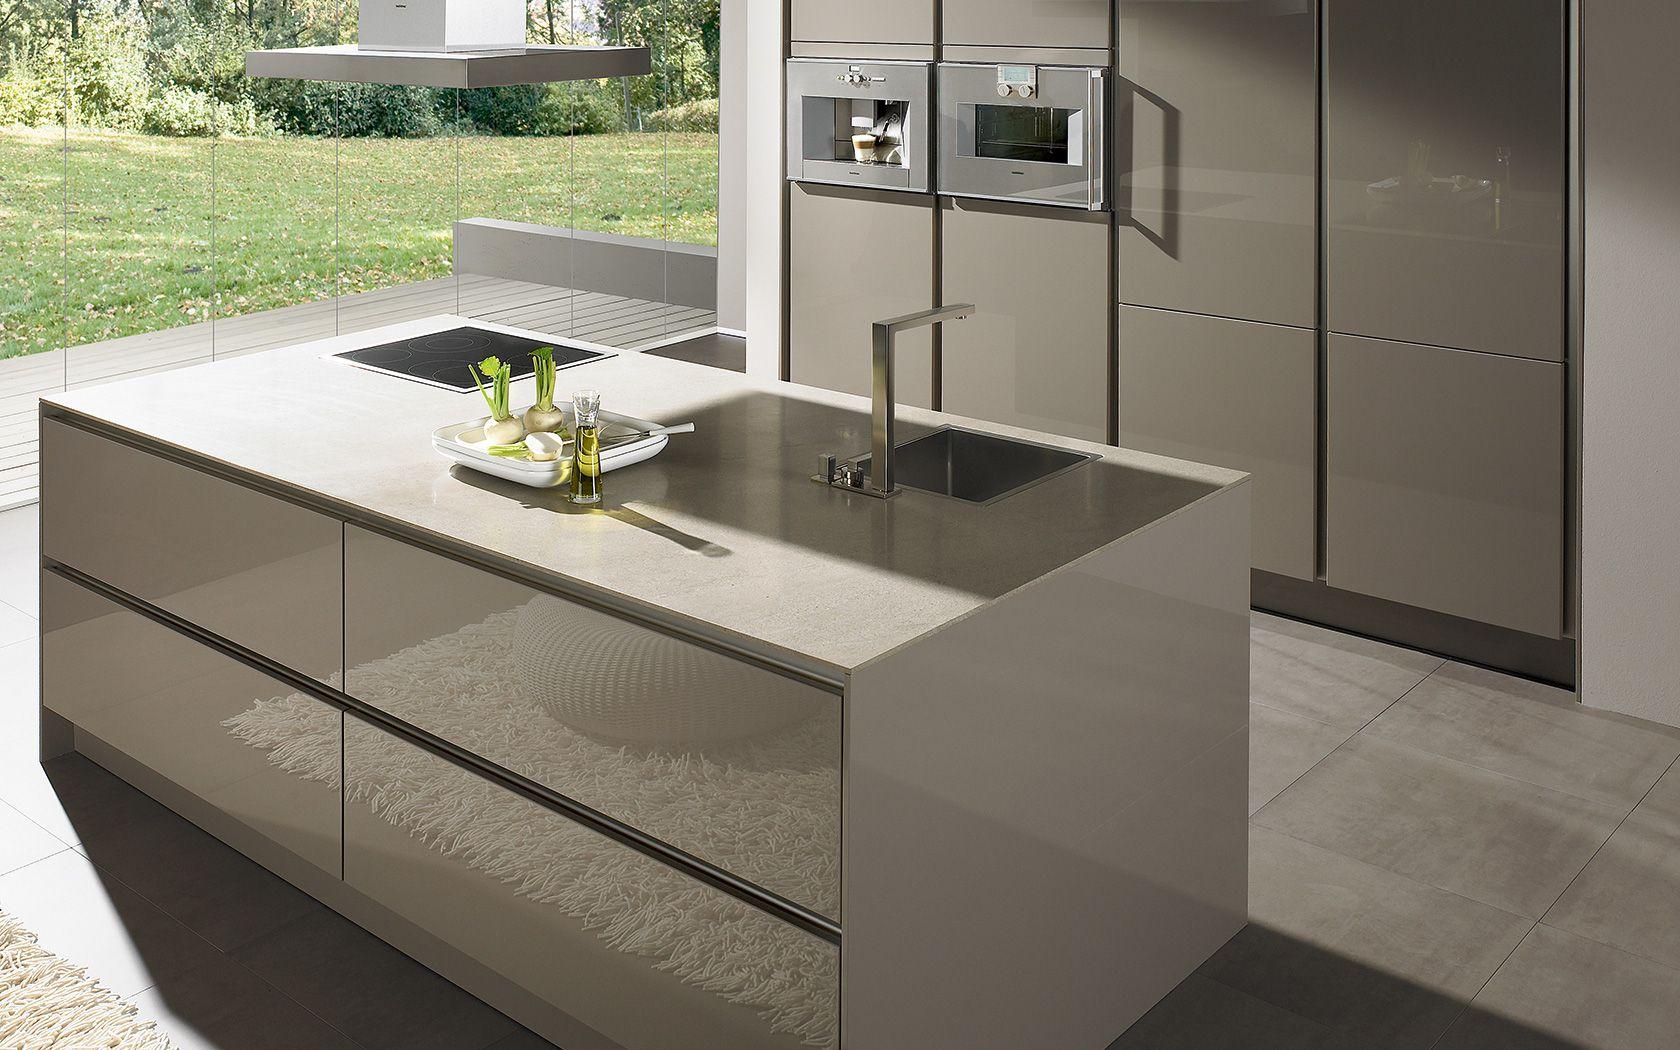 Moderne Küche ohne Griff S2 | siematic.de | Einrichtung | Pinterest ...